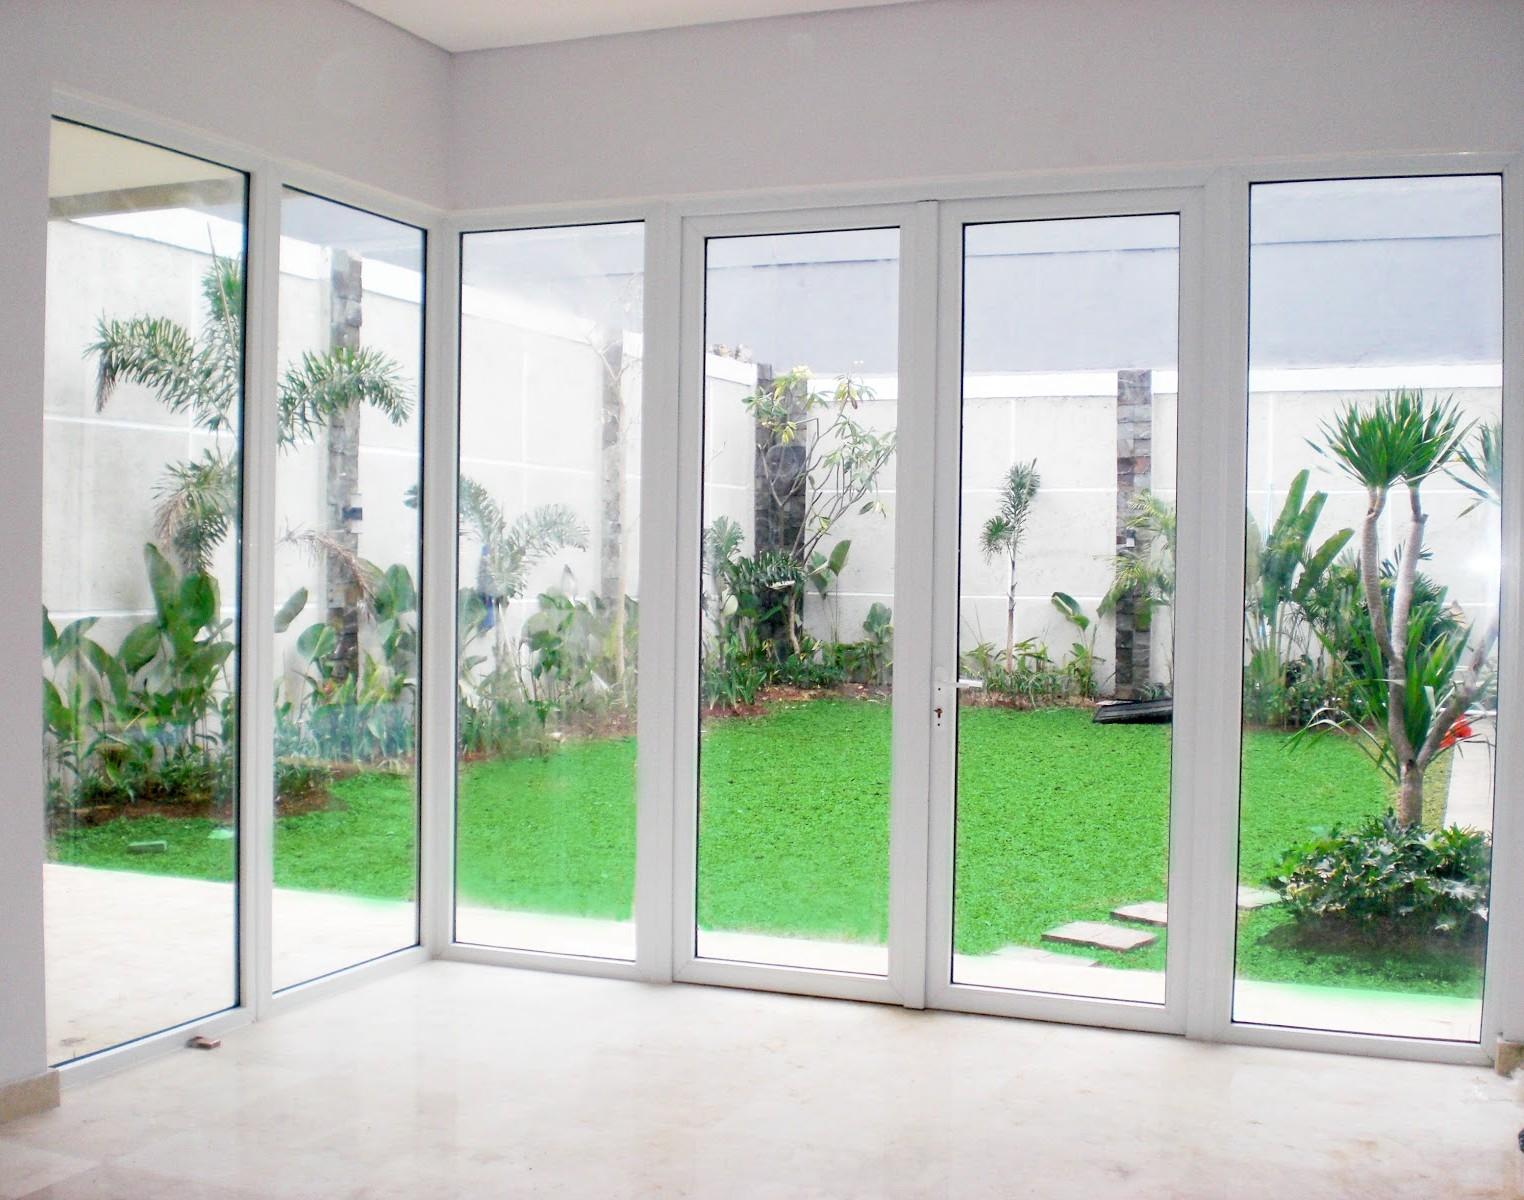 Design Pintu Kaca Aluminium - Pintu Minimalis